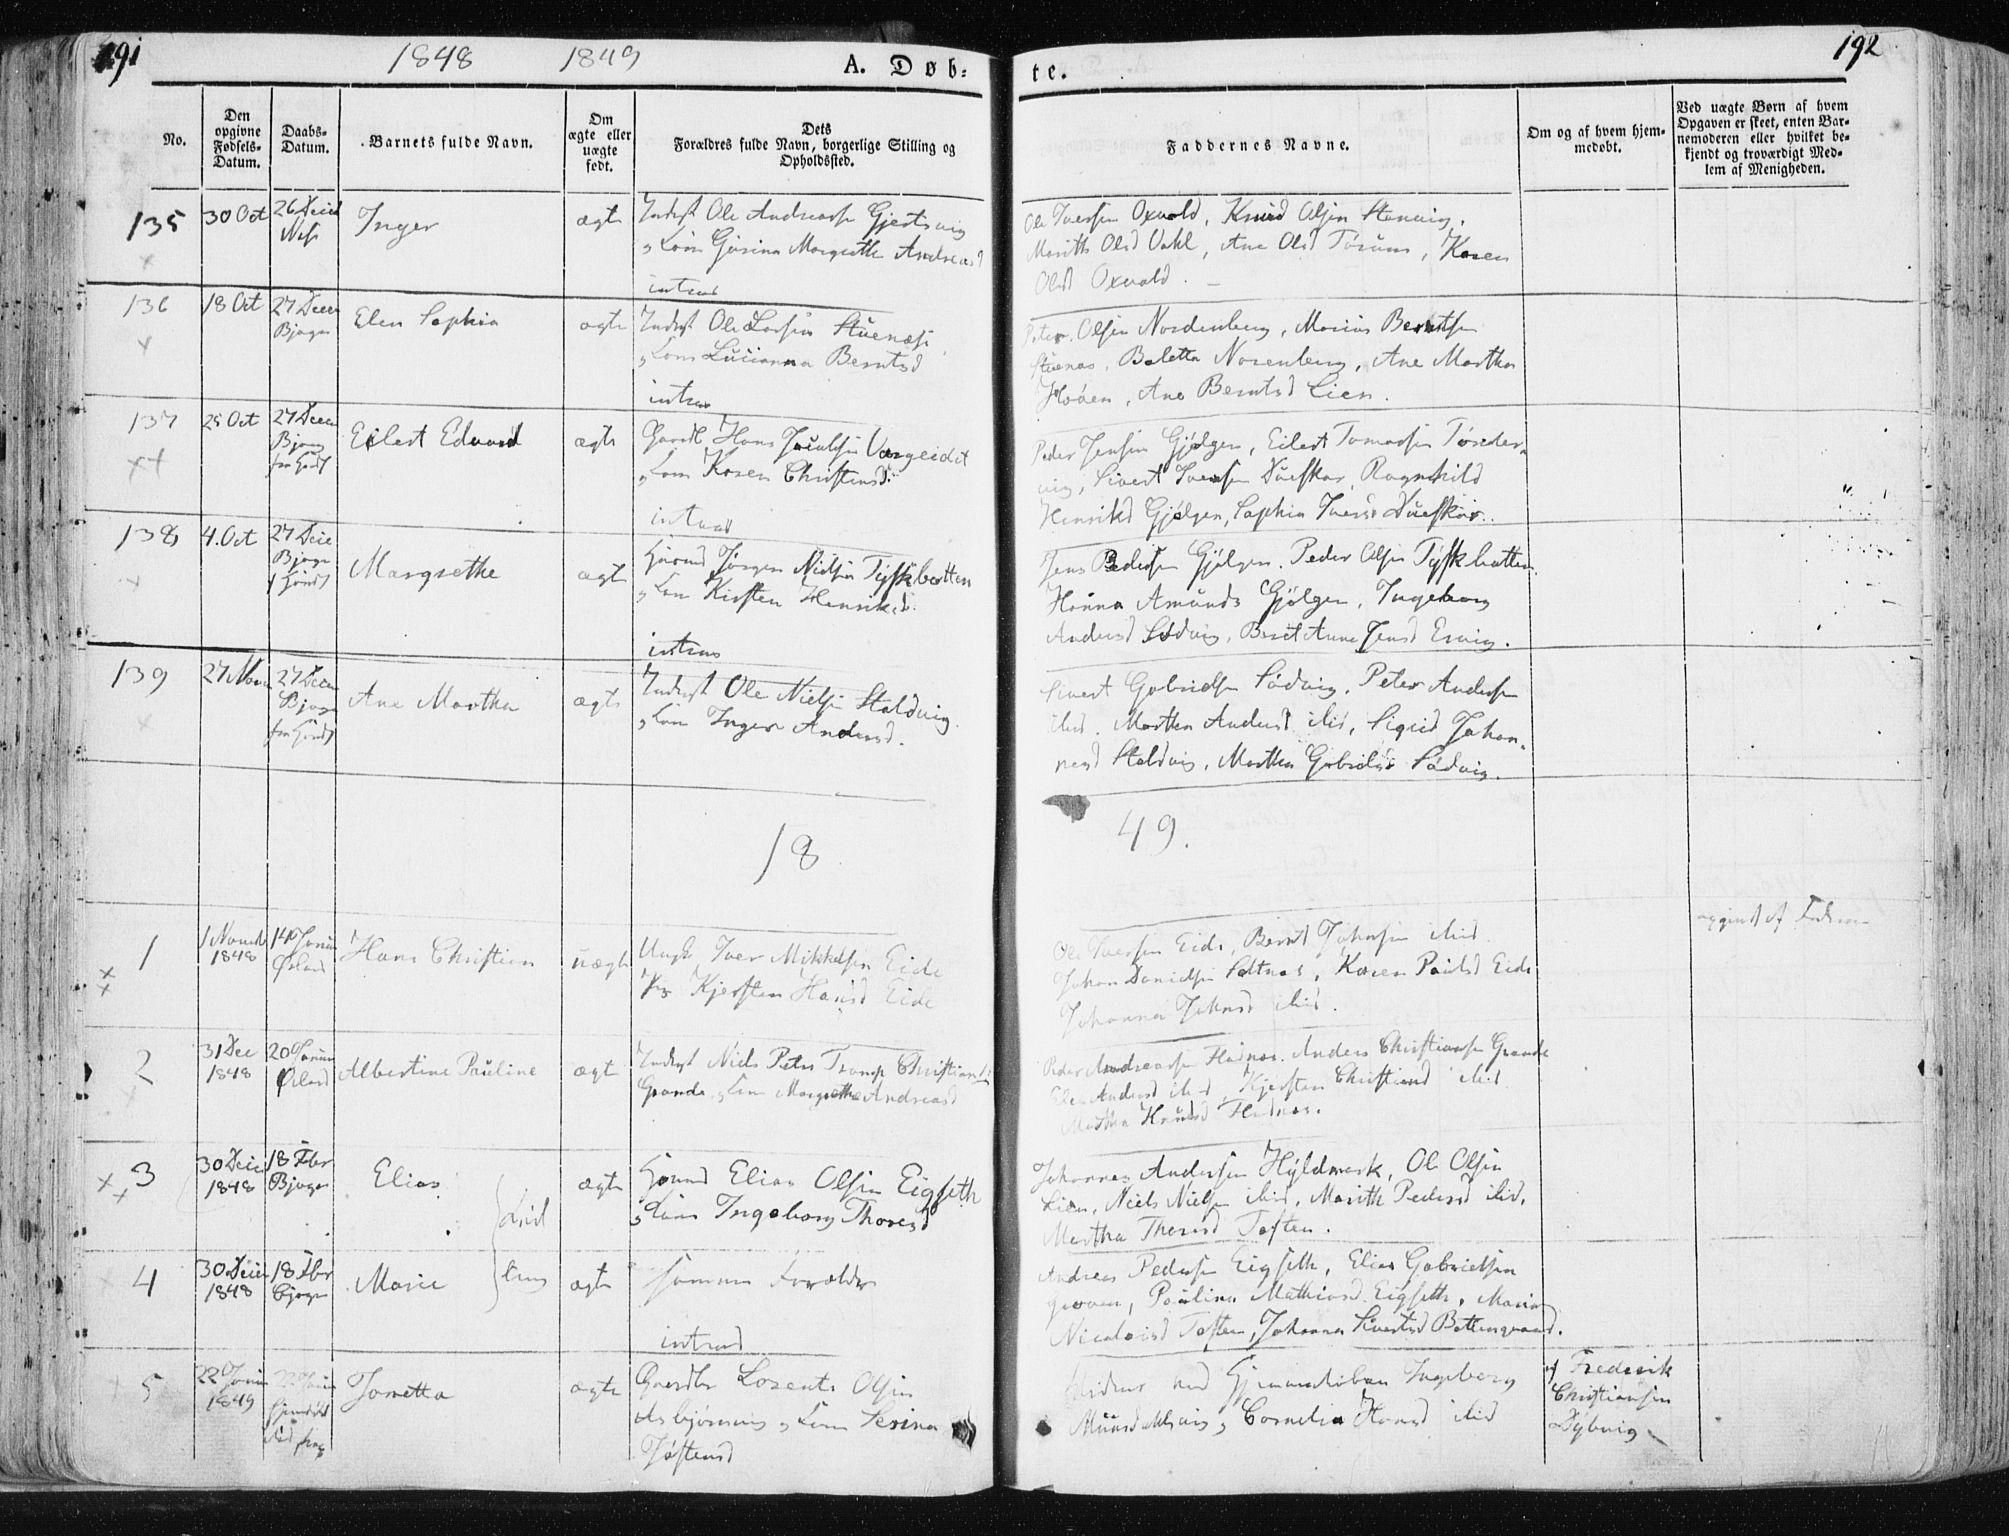 SAT, Ministerialprotokoller, klokkerbøker og fødselsregistre - Sør-Trøndelag, 659/L0736: Ministerialbok nr. 659A06, 1842-1856, s. 191-192